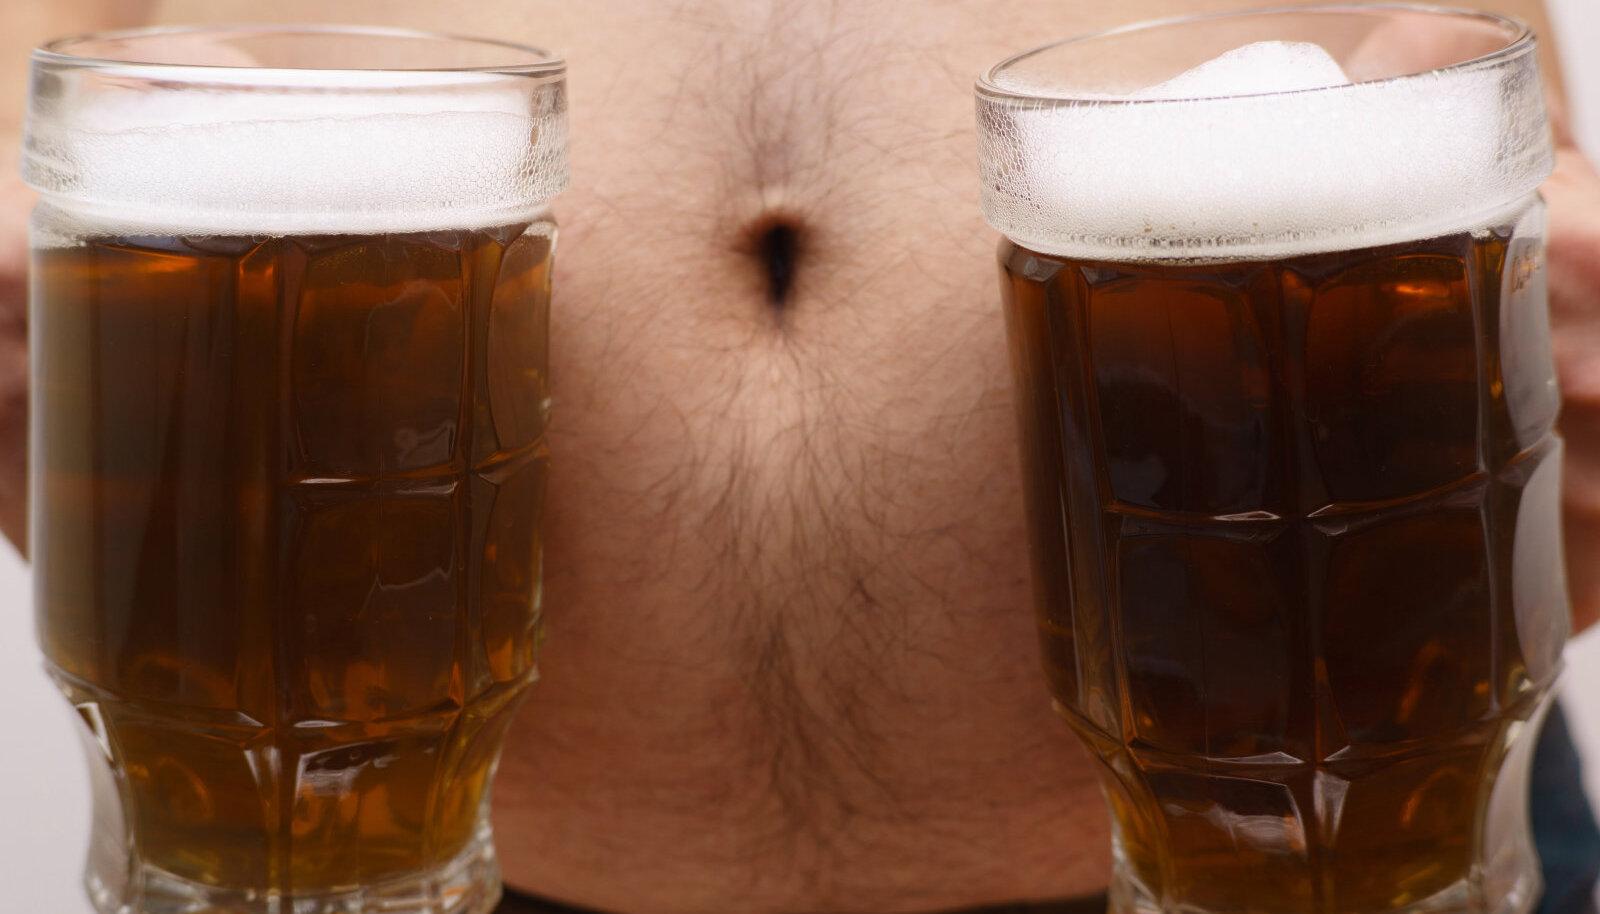 Harjumuseks kujunenud grillpeod, kus normiks neli õlut ja rohkelt šašlõkki, kasvatavad kiirelt õllekõhtu.